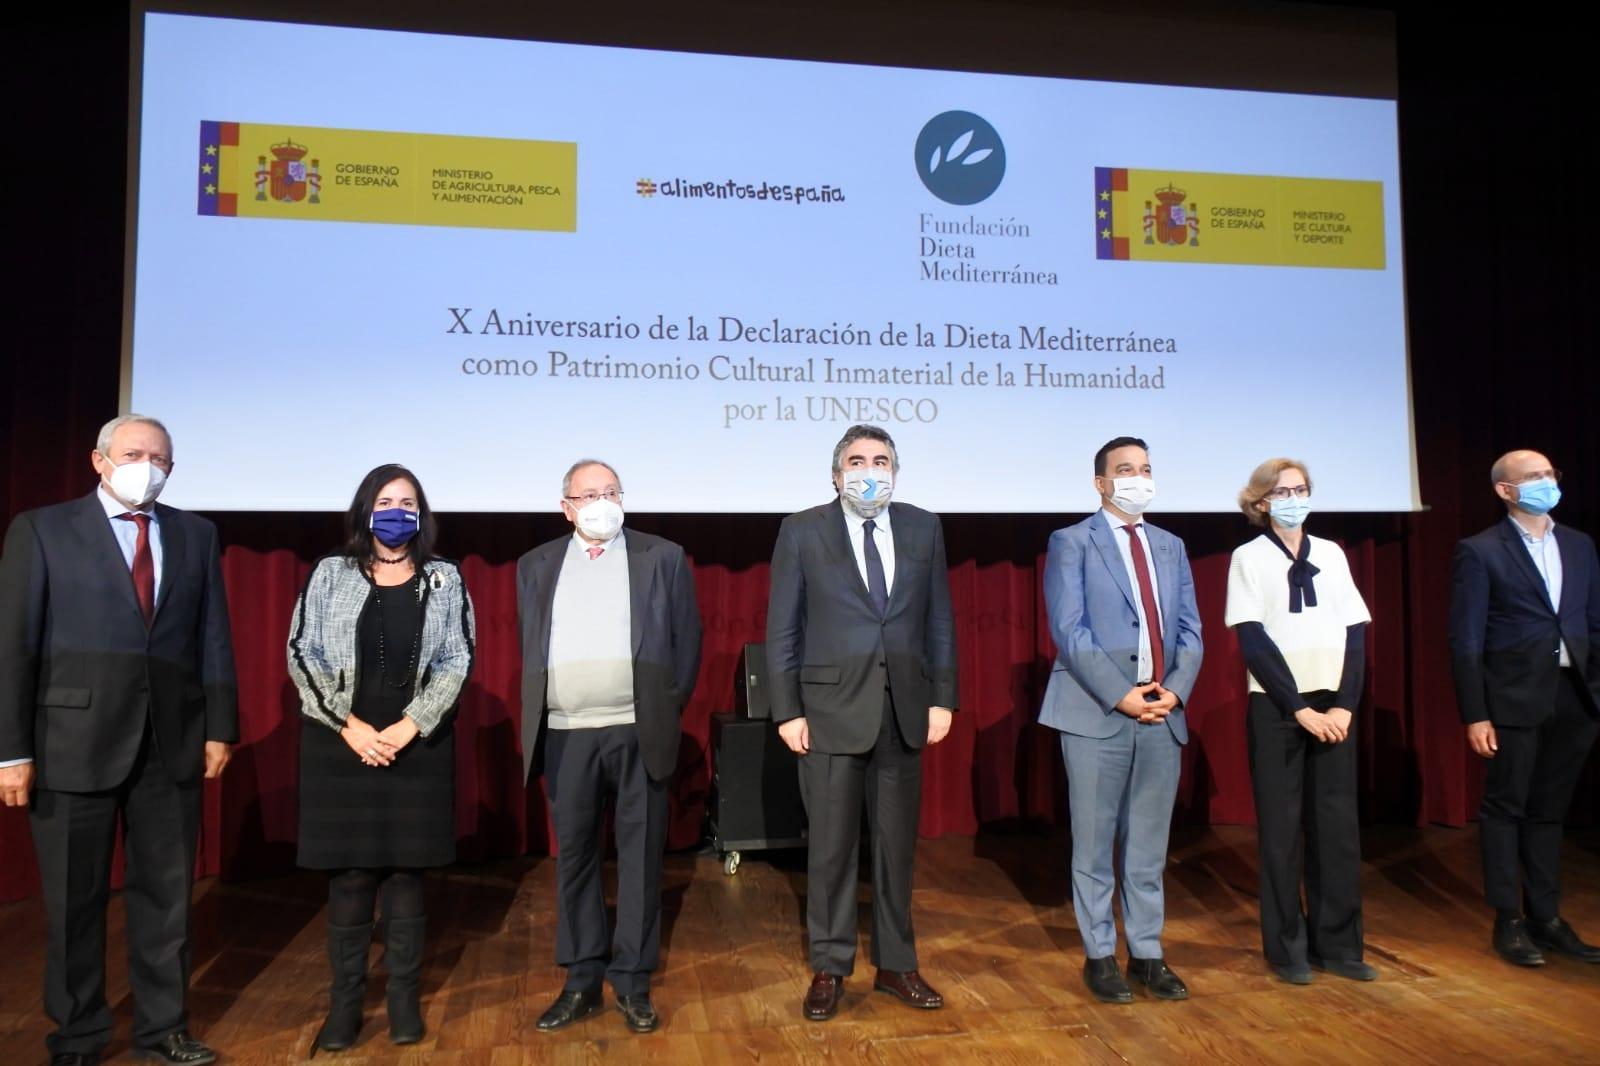 La Dieta Mediterránea celebra su décimo aniversario como Patrimonio Cultural Inmaterial de la Humanidad por la Unesco